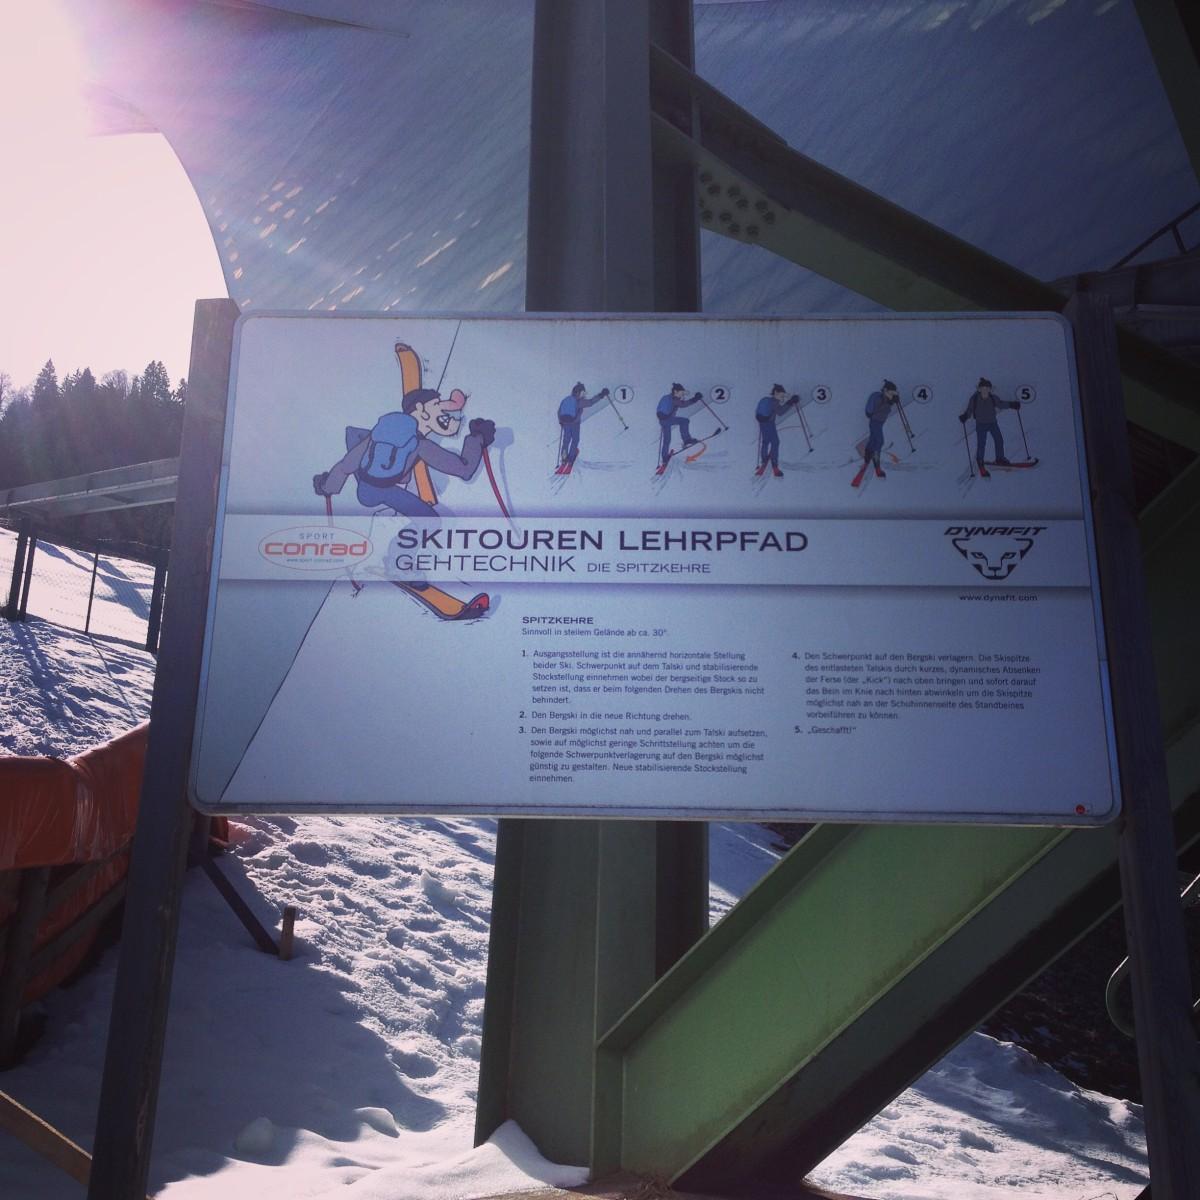 Skitouren-Lehrpfad am Eckbauer, Garmisch-Partenkirchen